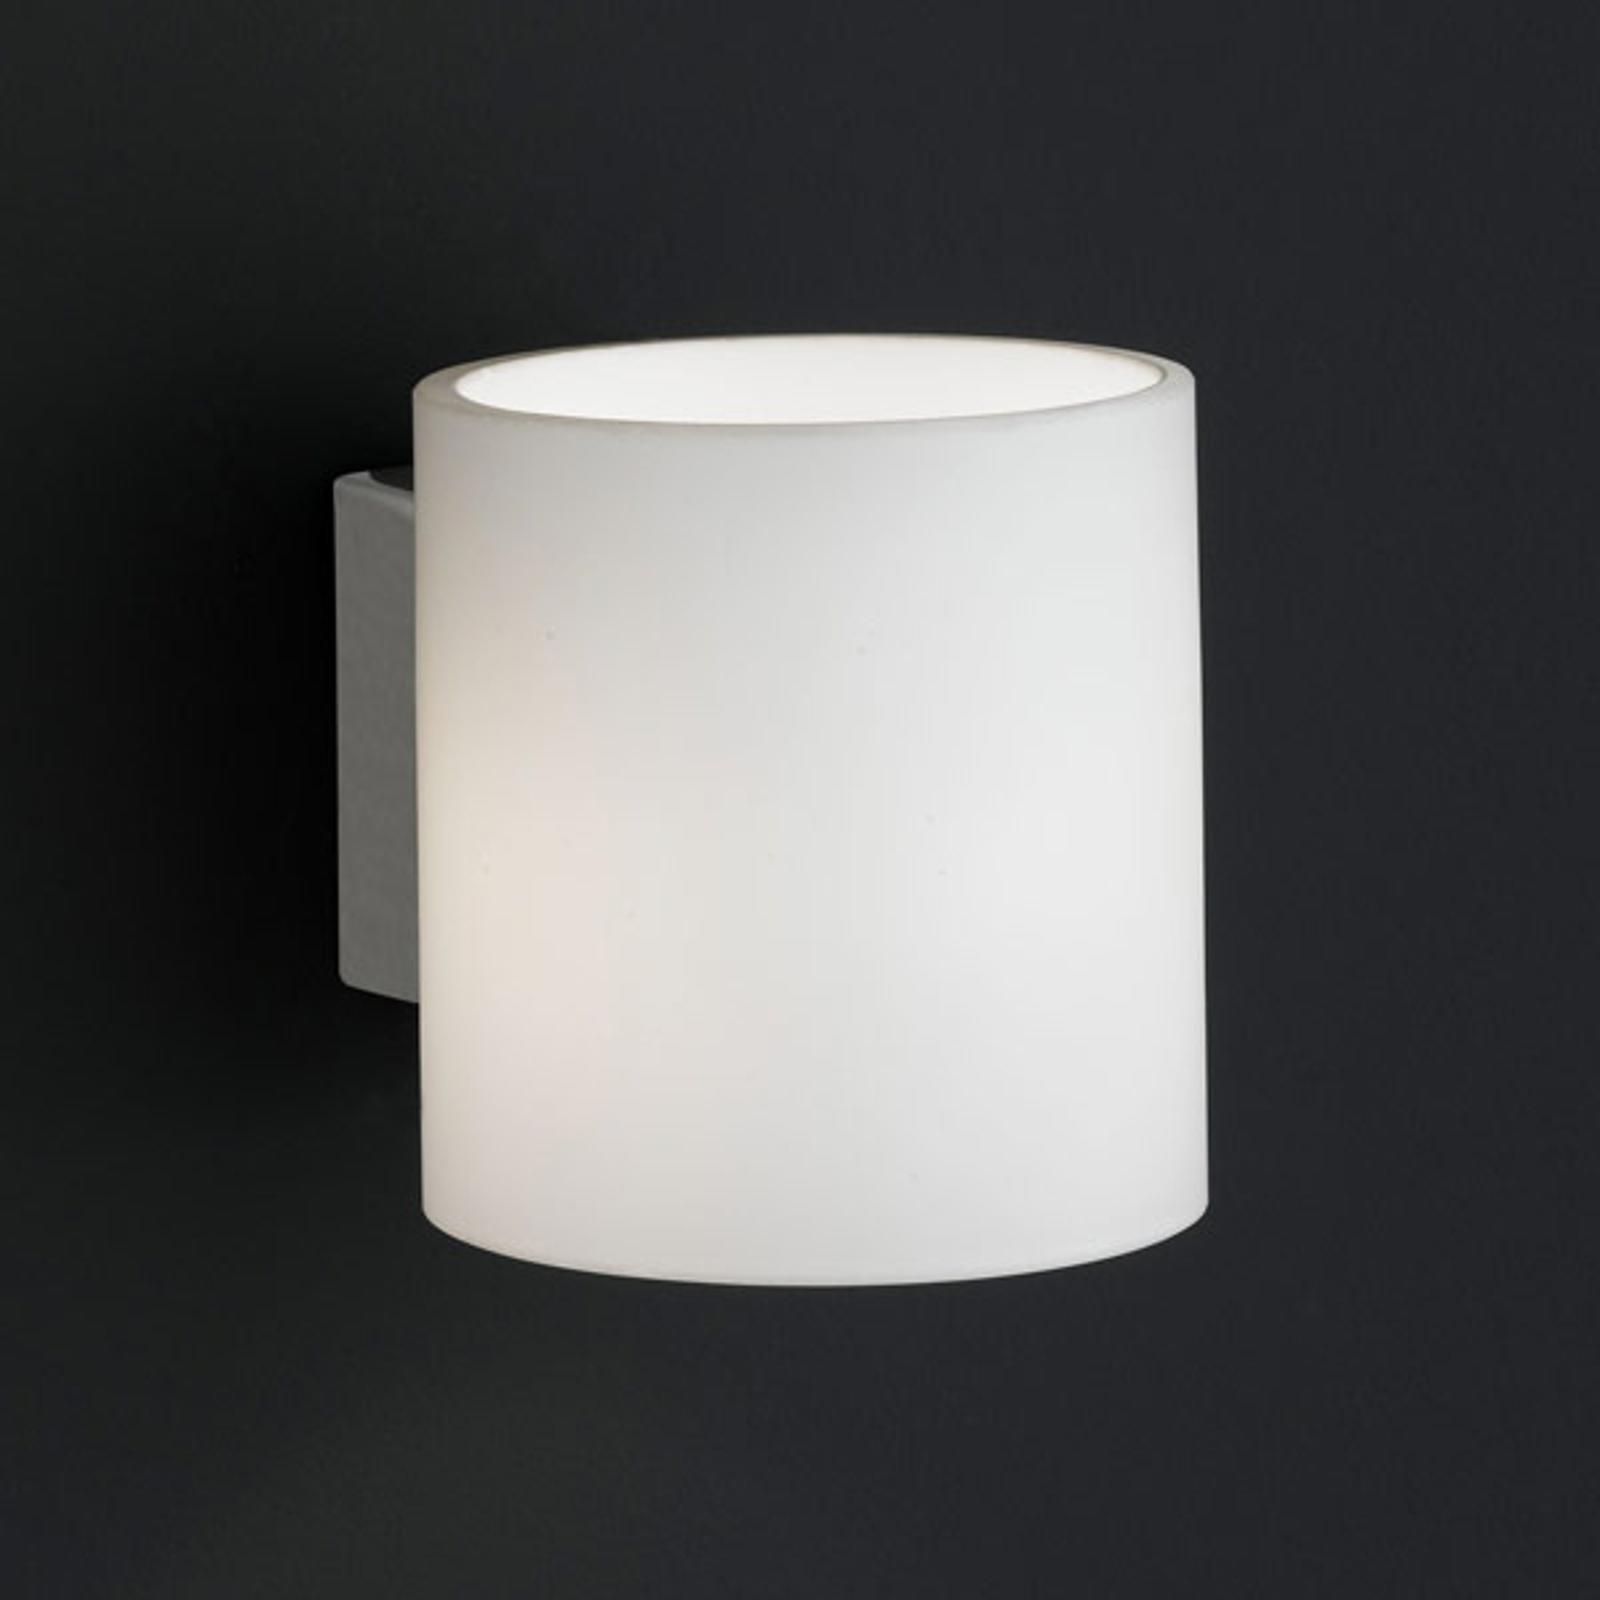 Vägglampa Aquaba med vippbrytare